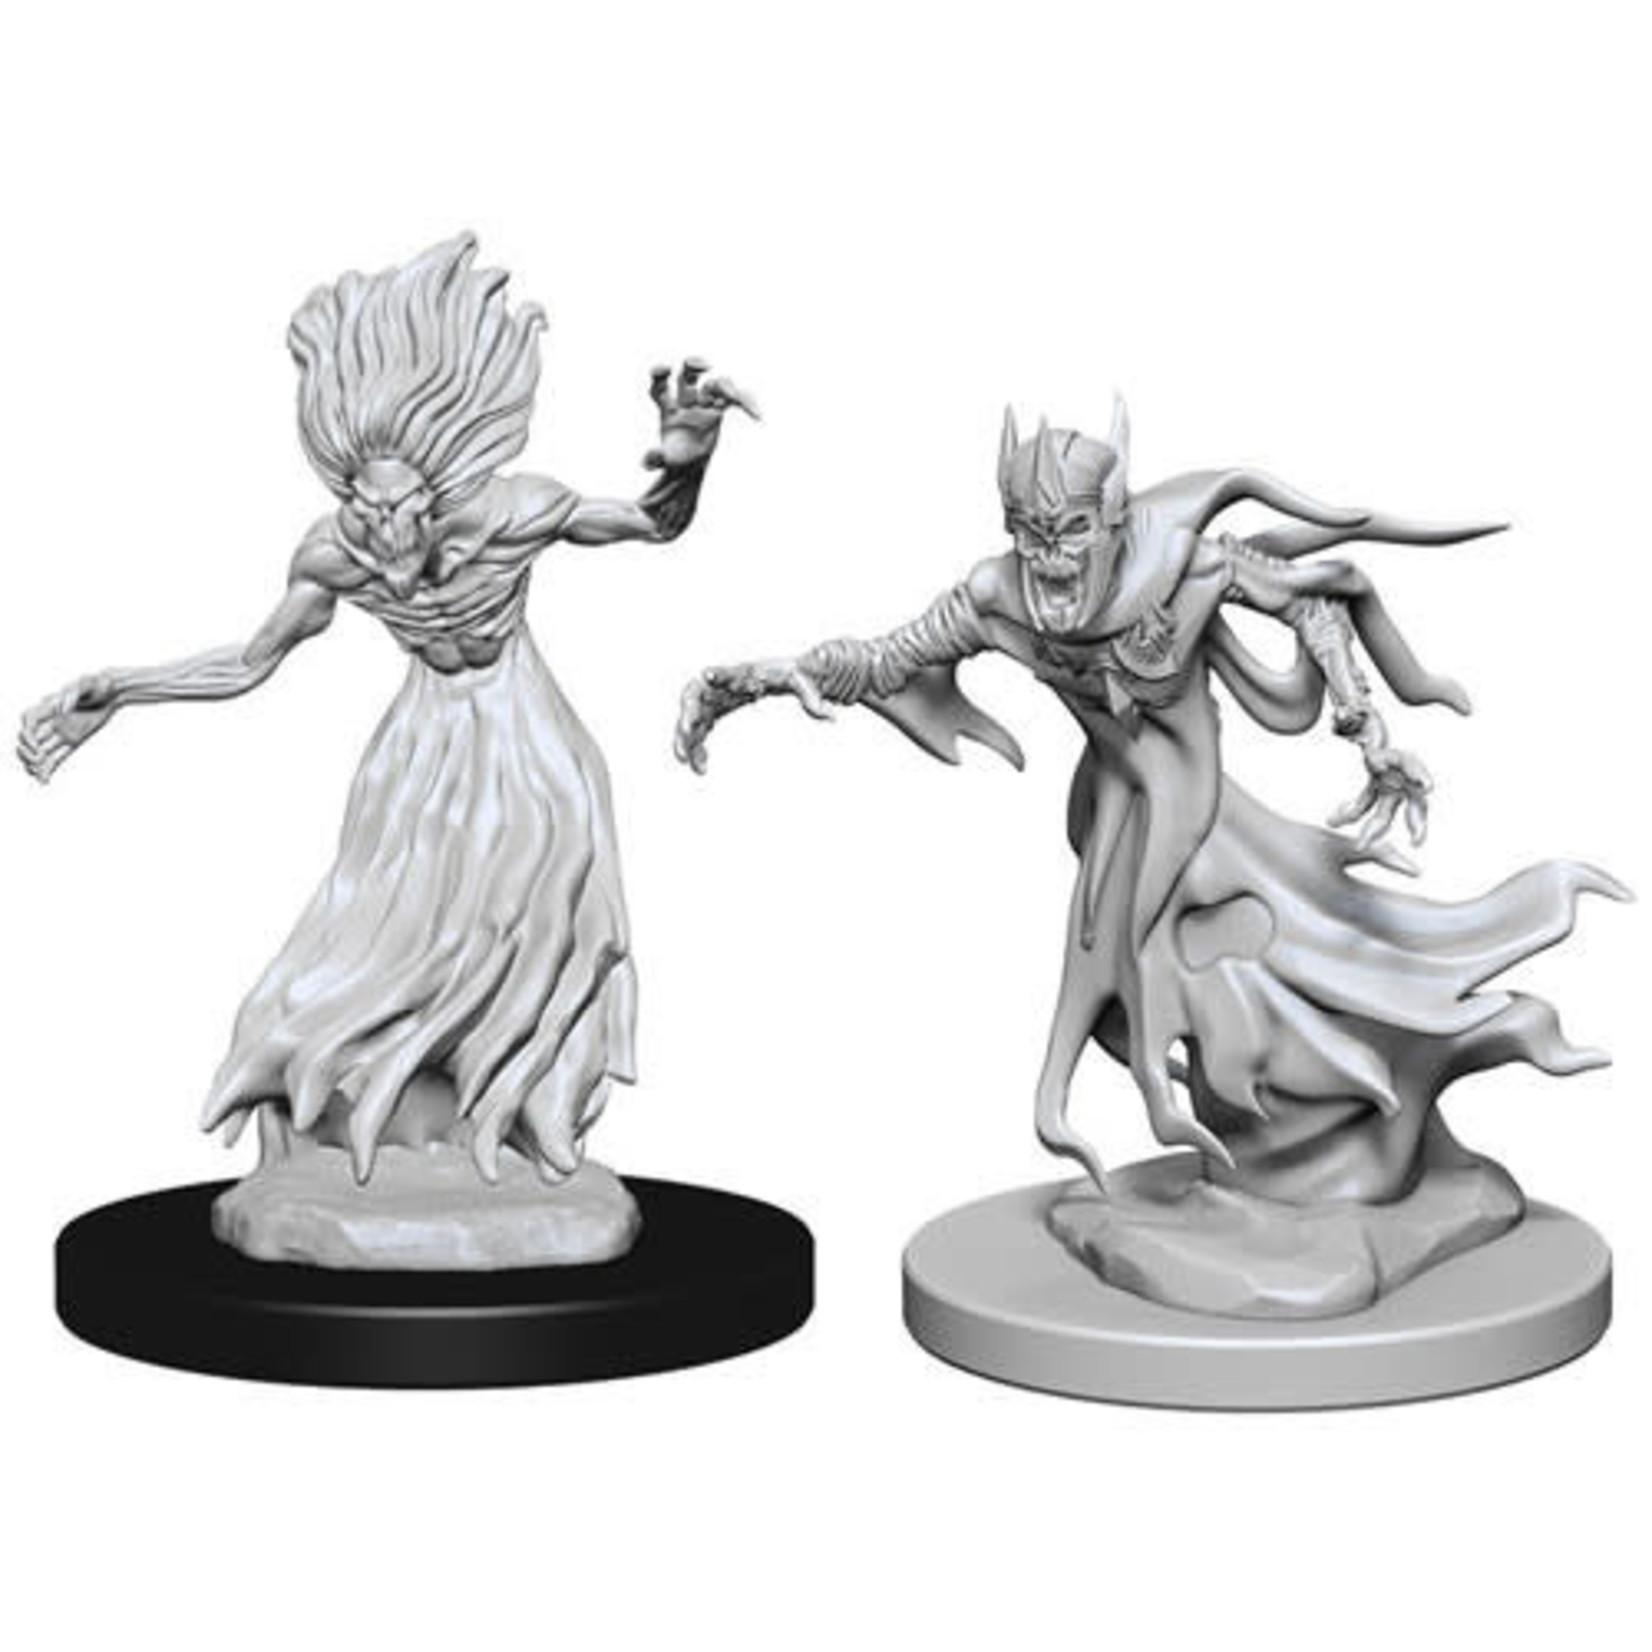 D&D Unpainted Minis: Wraith & Specter